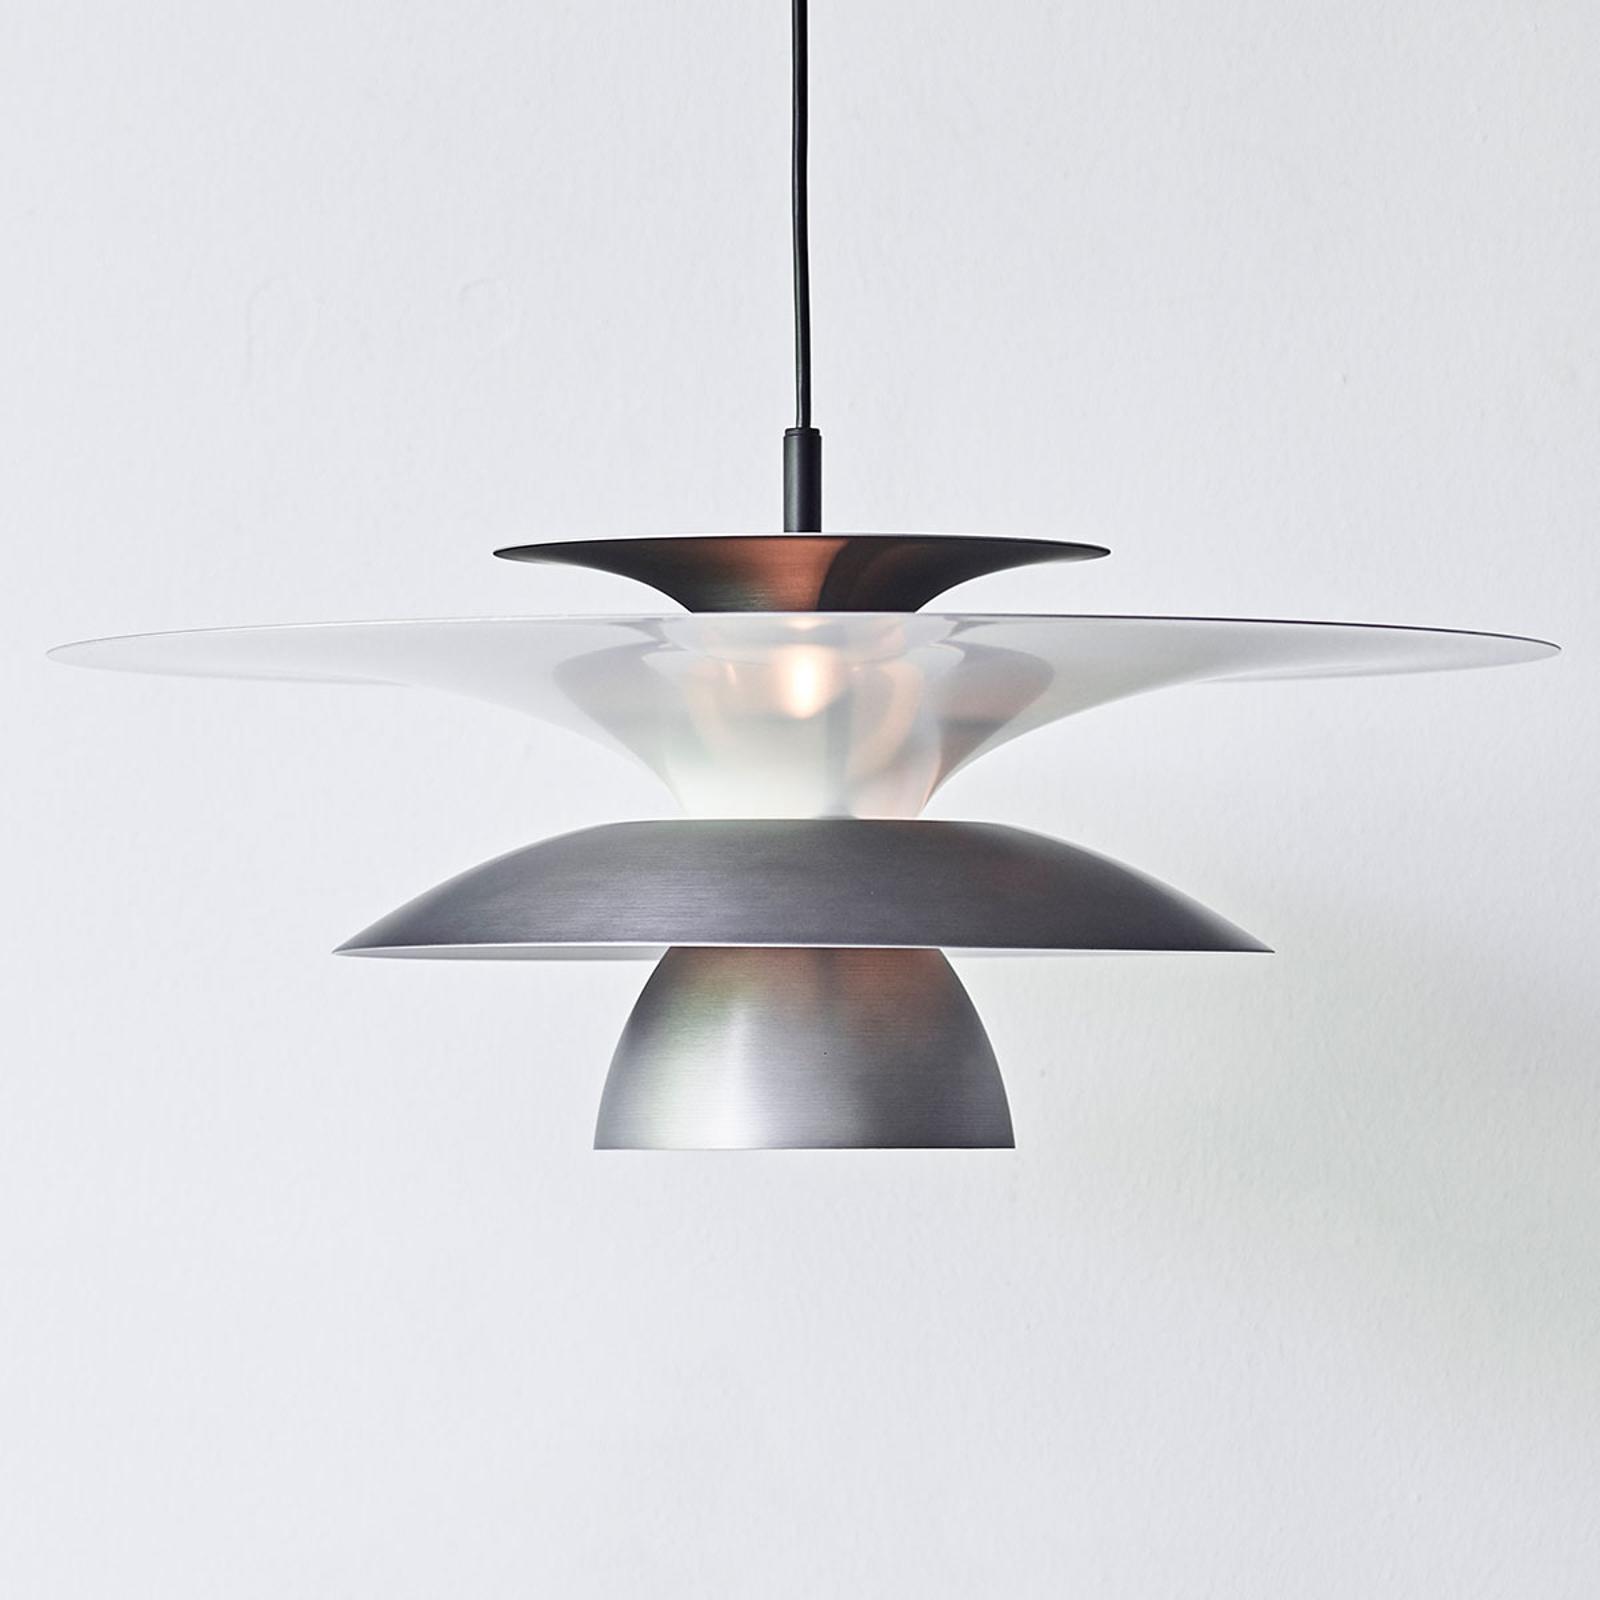 Belid takpendel du kan köpa online | Lampkultur.se